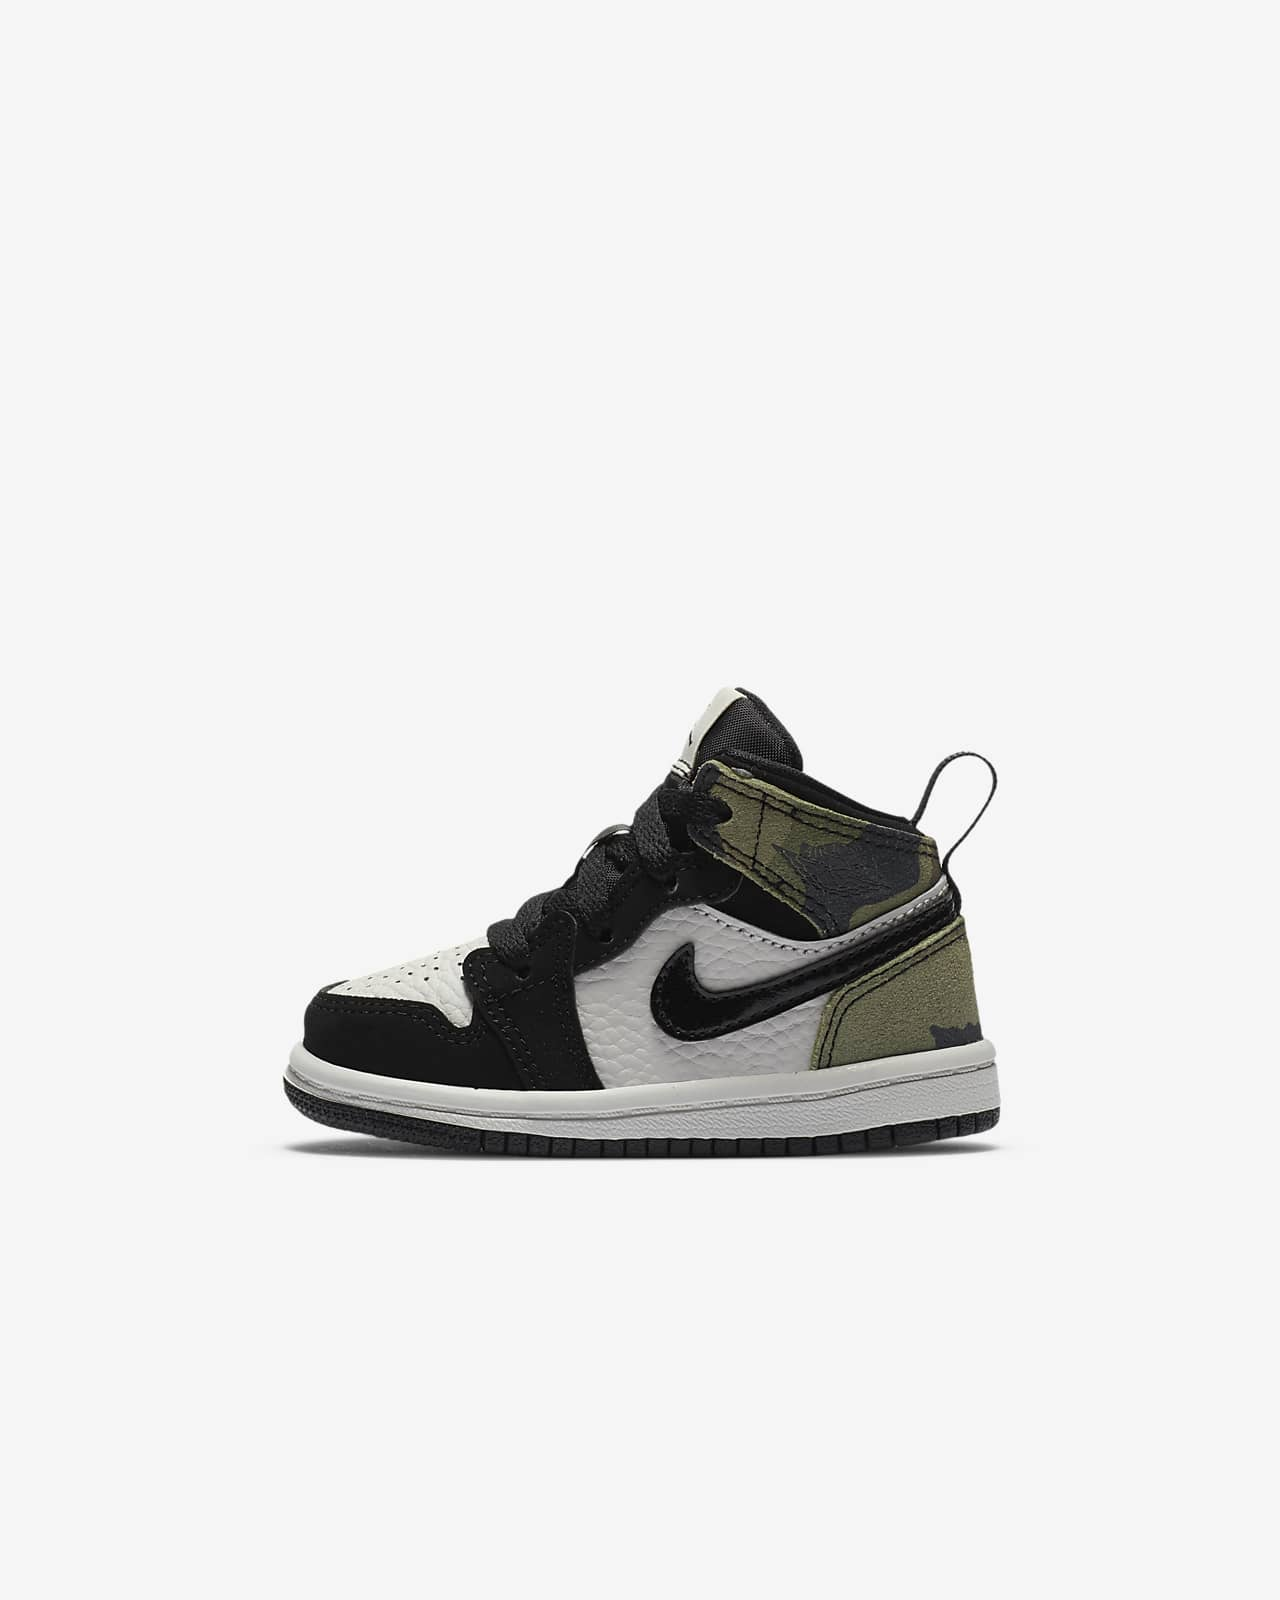 Jordan 1 Mid SE Infant/Toddlers Shoe